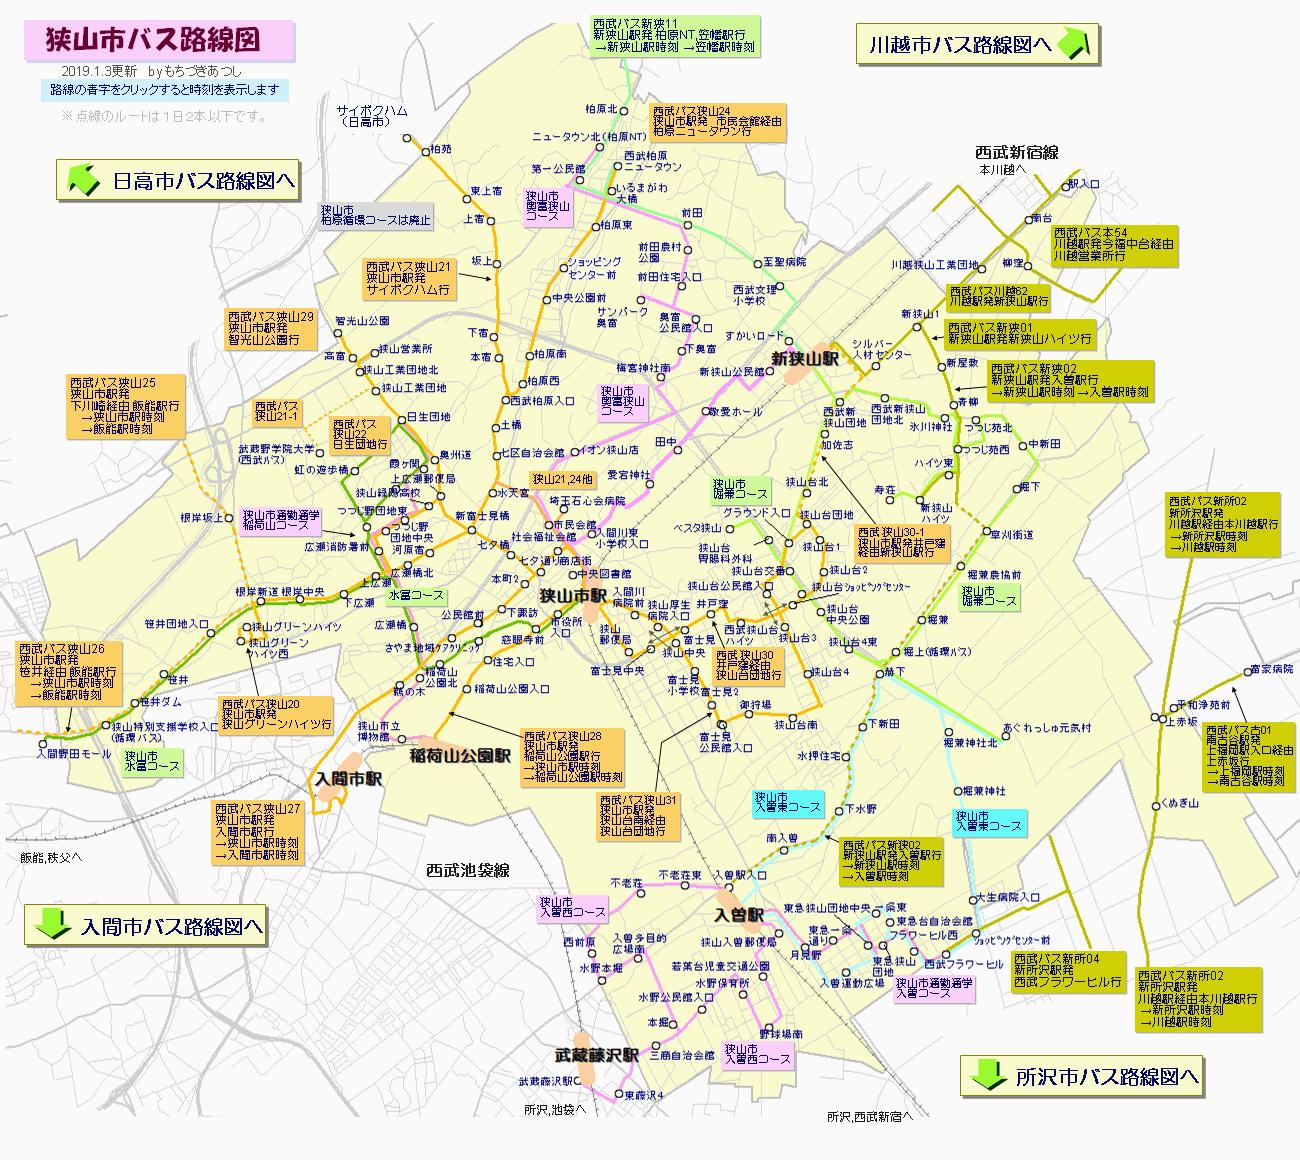 鎌ケ谷 - 新京成電鉄株式会社